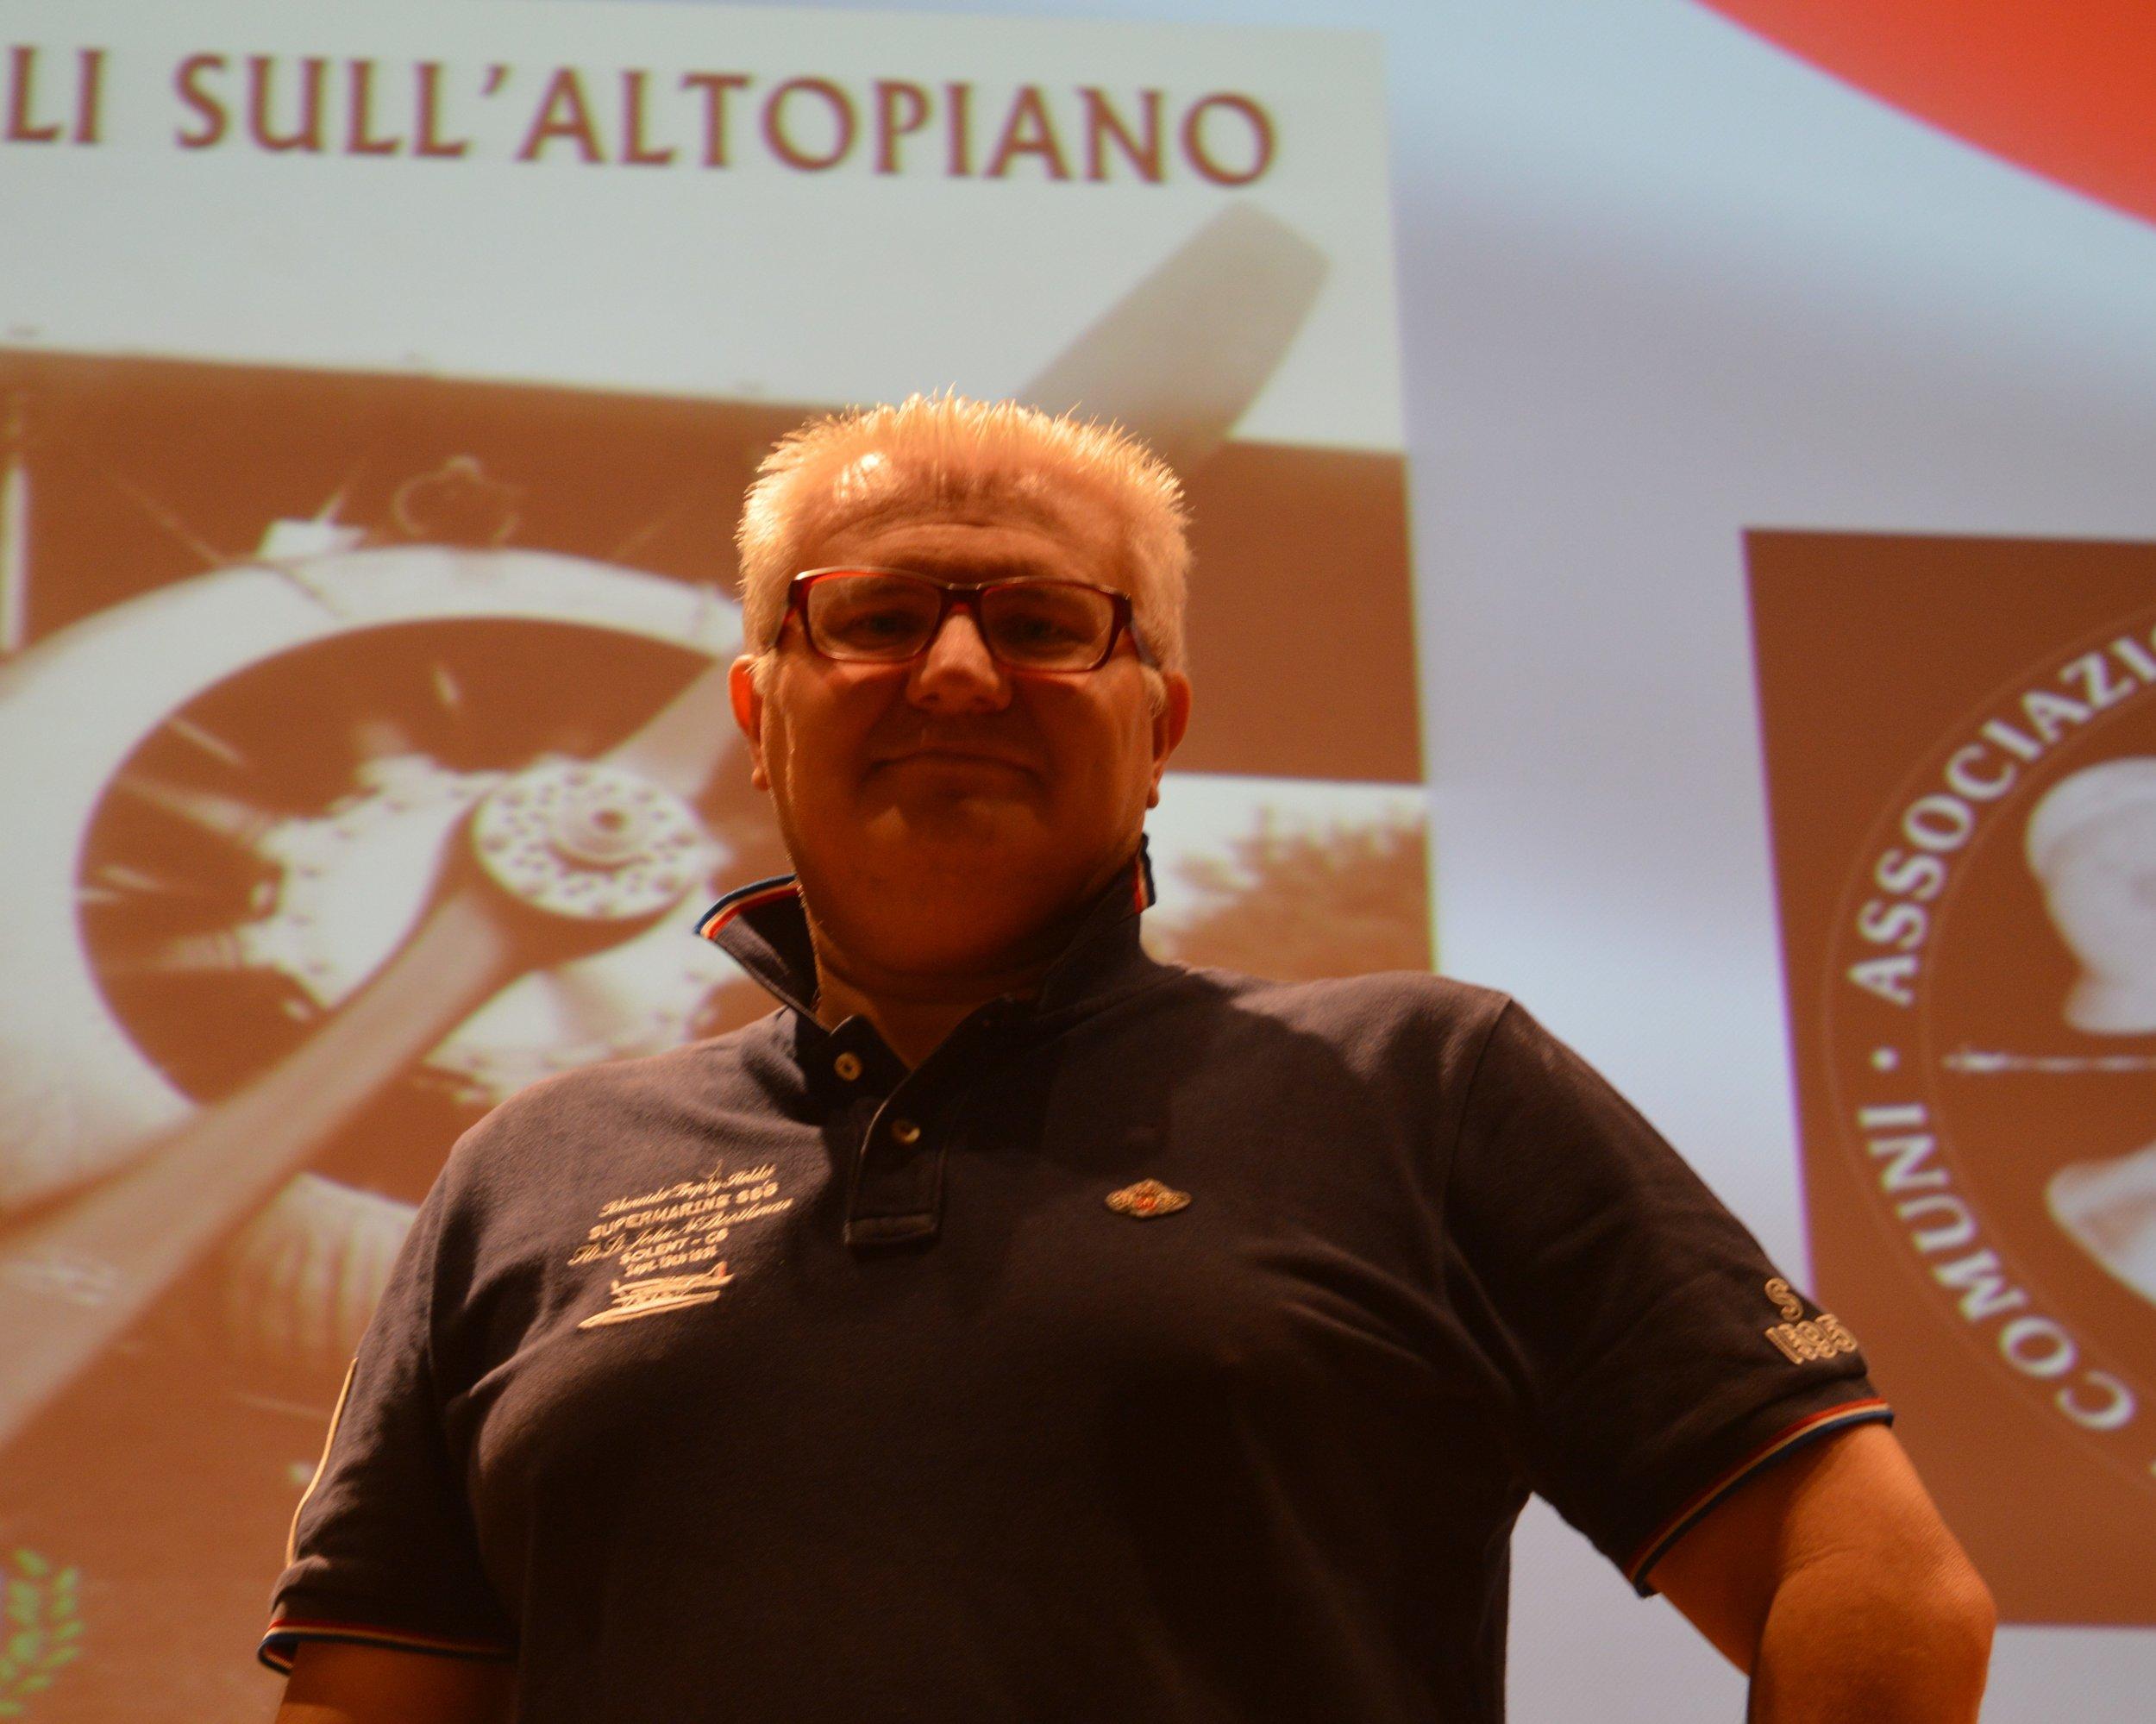 Luigino Caliaro